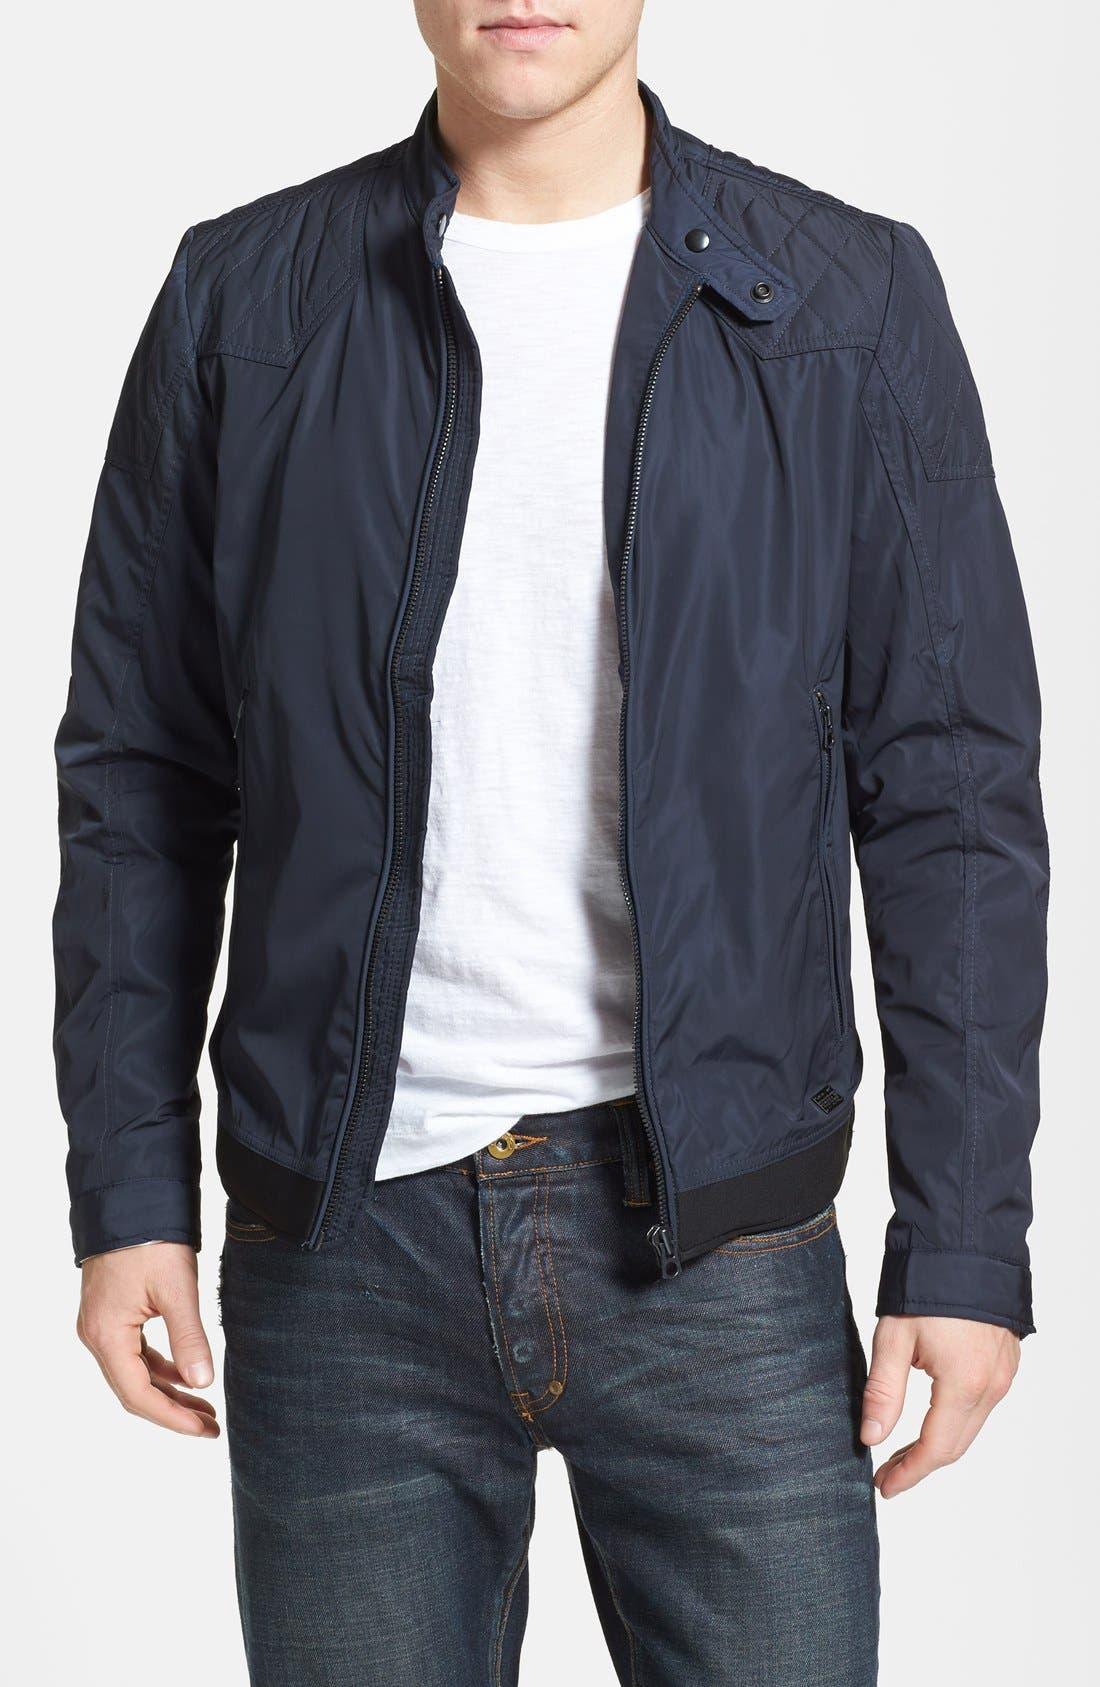 Alternate Image 1 Selected - DIESEL® 'J-Hollis' Jacket